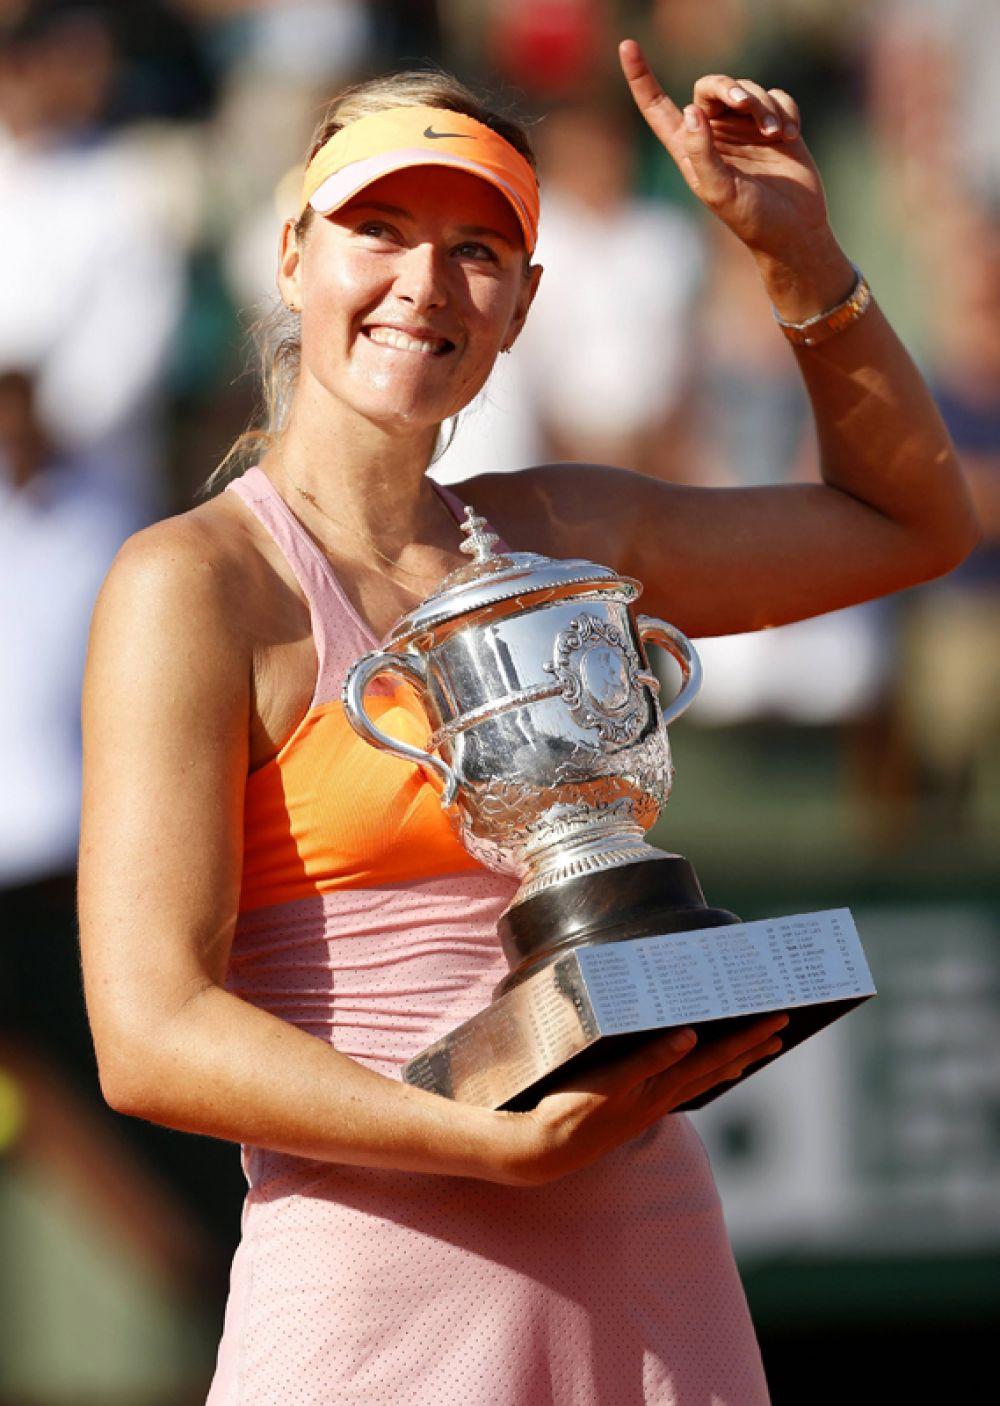 Мария Шарапова после победы на Открытом чемпионате Франции по теннису, 2014 год.